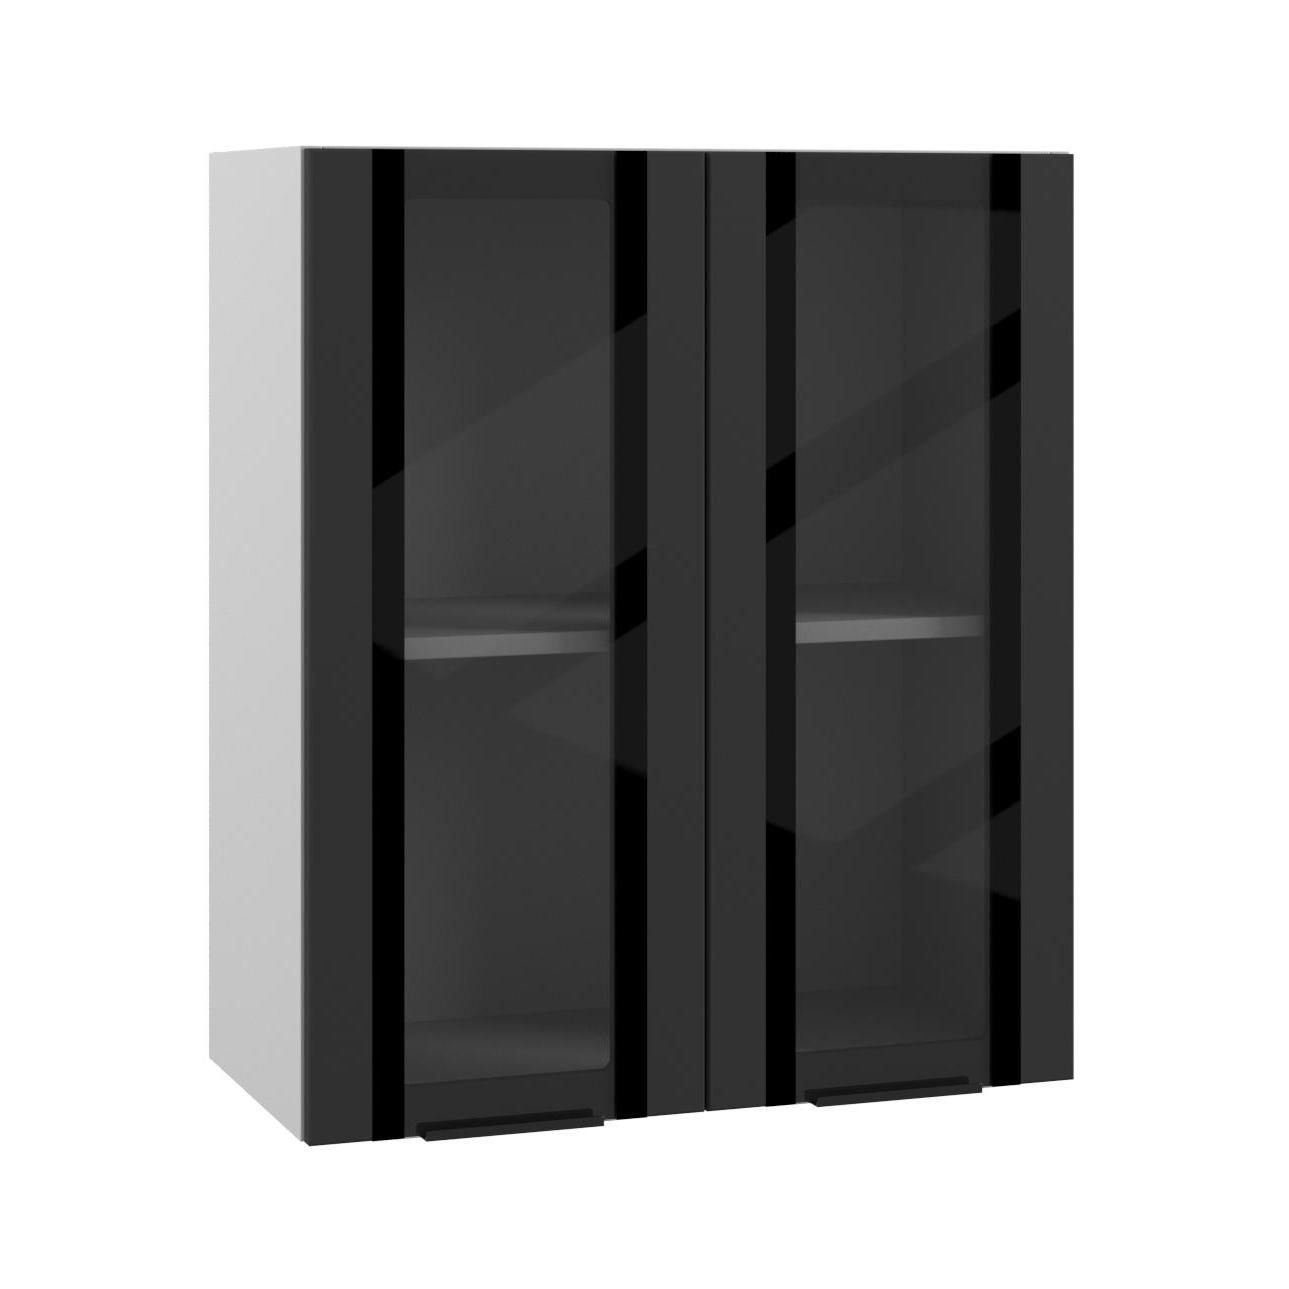 Кухня Квадро ПВС 600 Шкаф верхний стекло